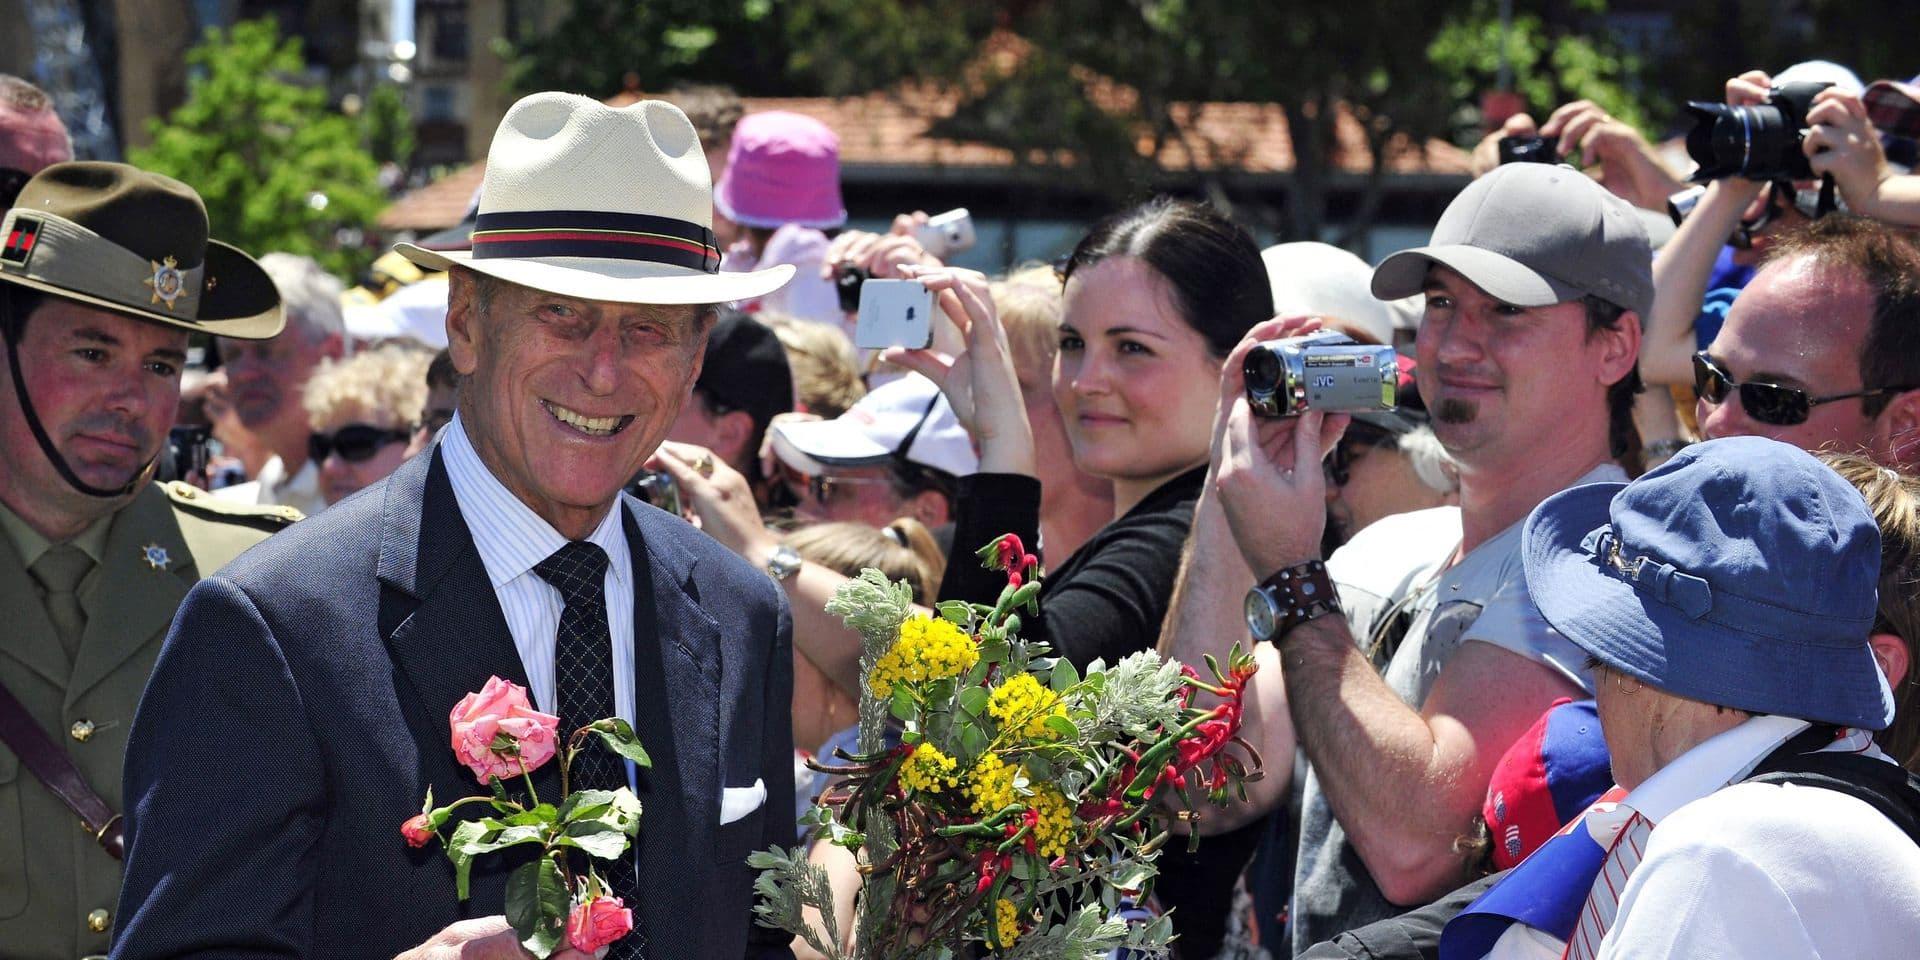 Les relations chaleureuses du Prince Philip avec l'Australie mises à l'honneur lors de ses funérailles